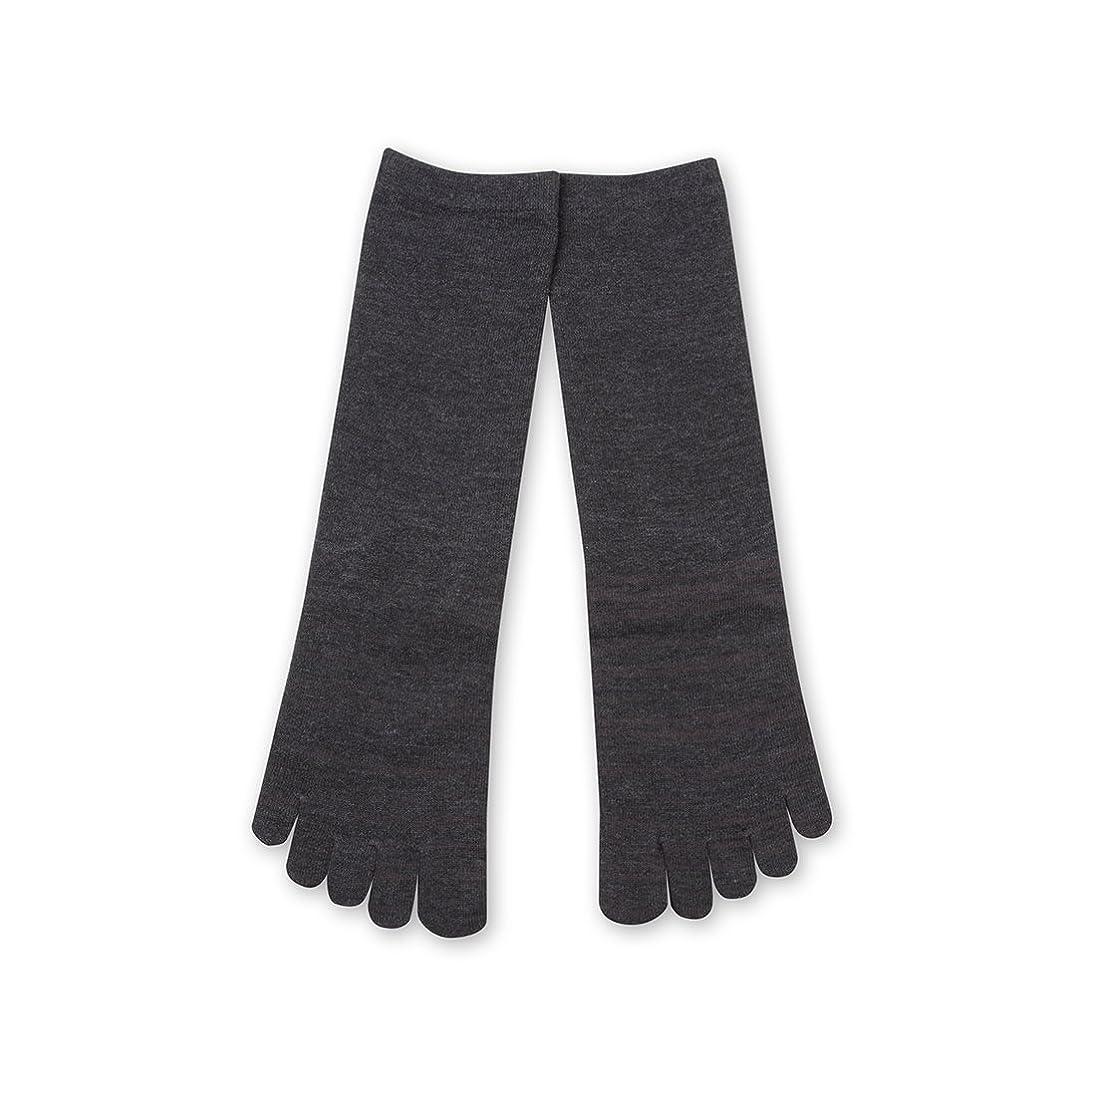 おとなしい記憶に残る吸収するDeol(デオル) 5本指 ソックス 女性用 靴下 23~25cm グレー